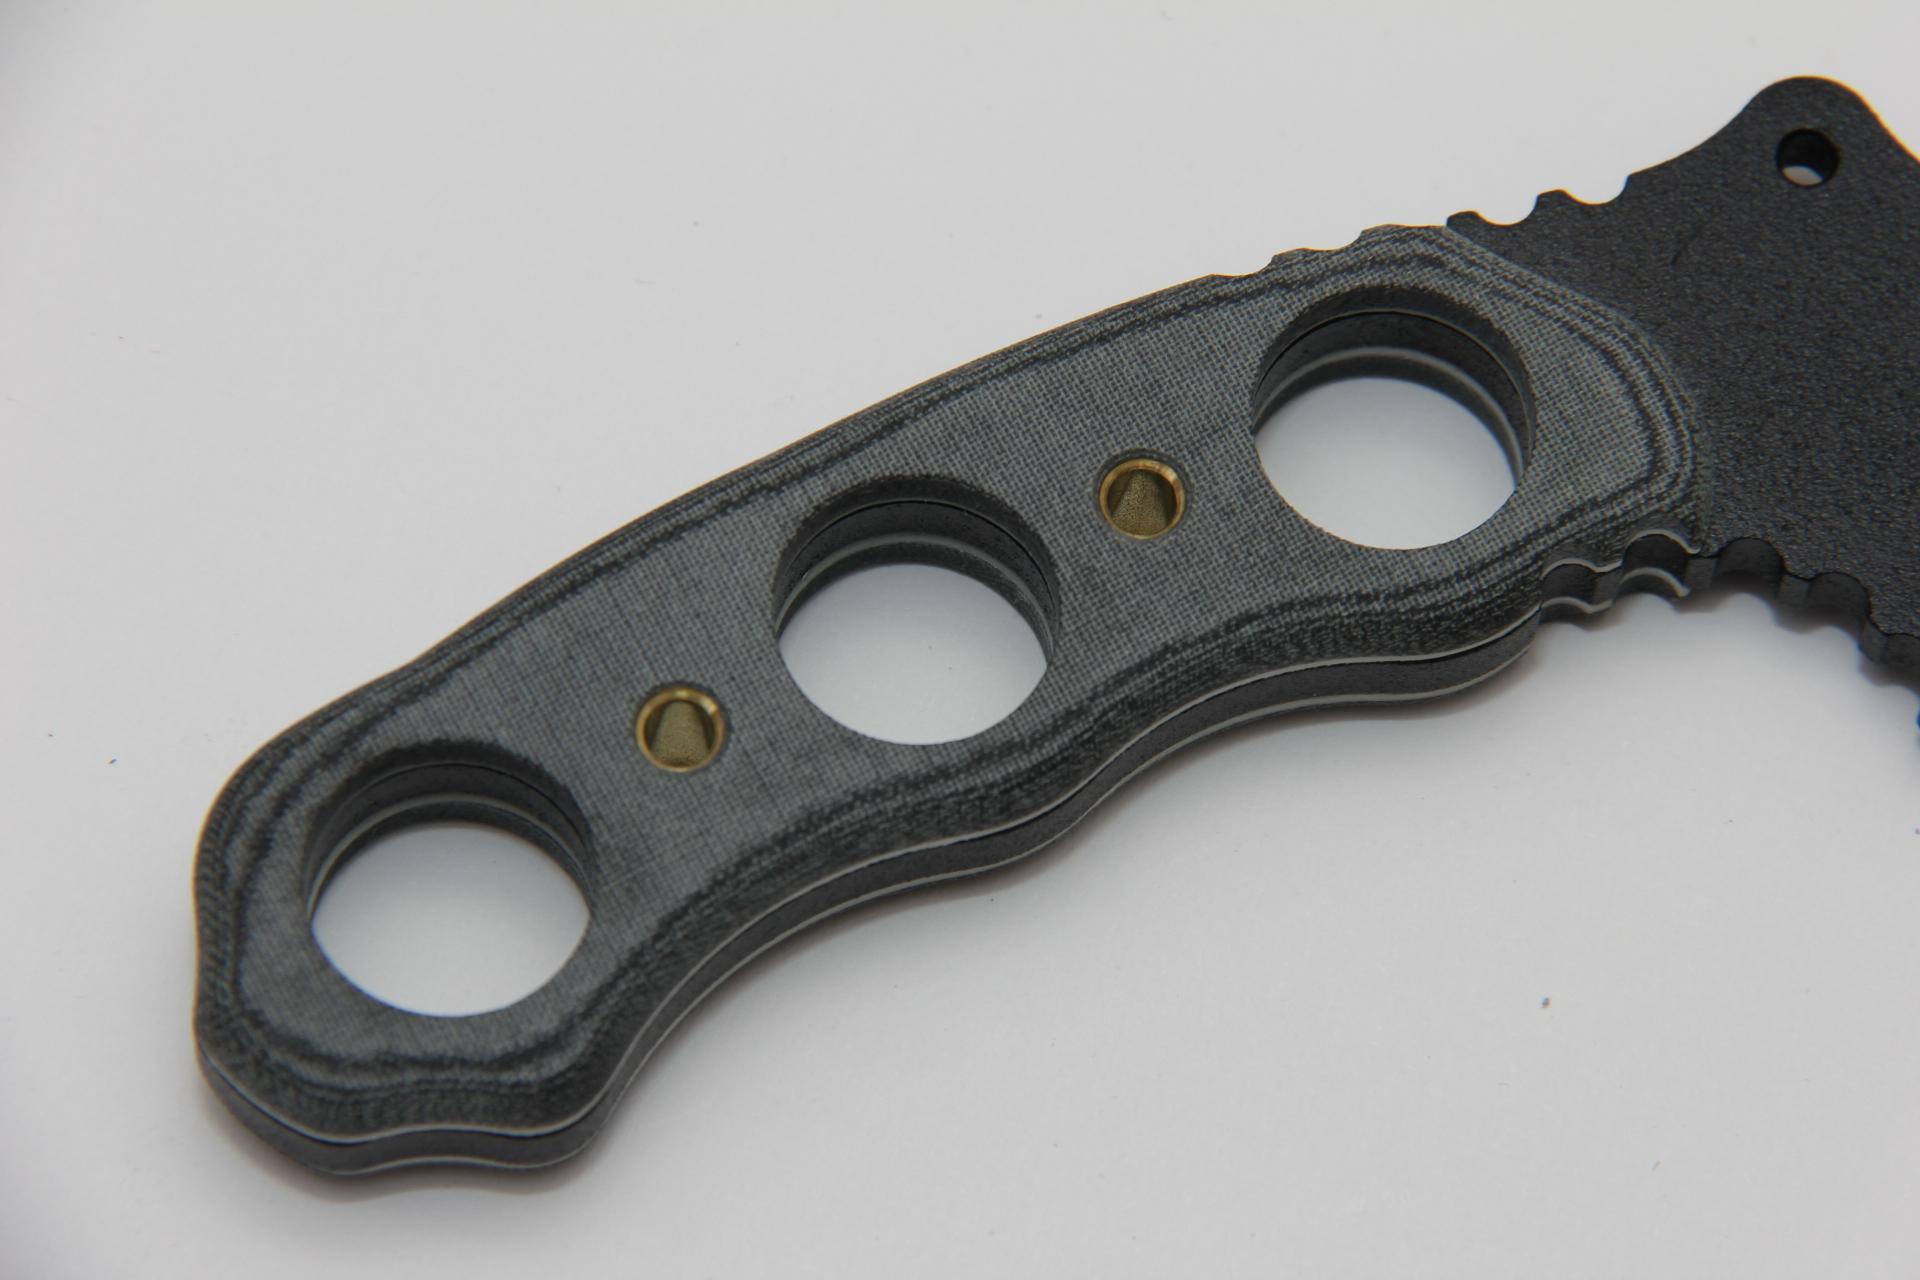 Нож Tops DEV01 Devil's Elbow XL - фотография